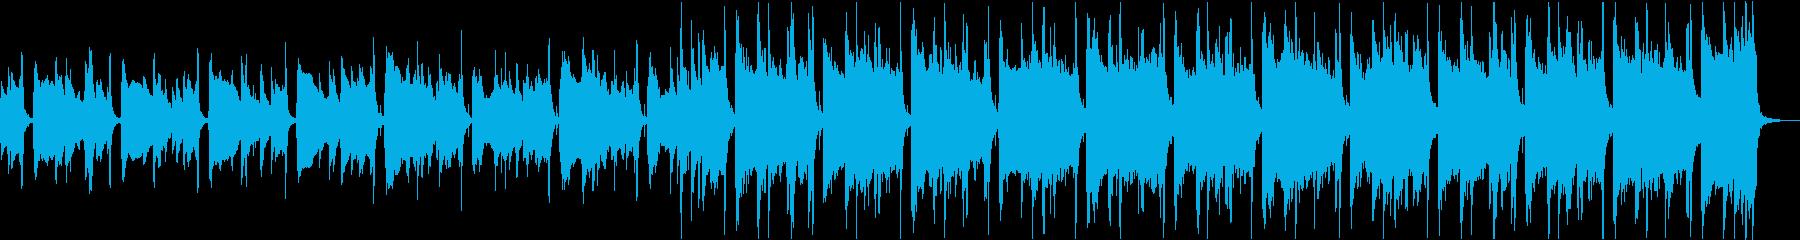 アコギヒップホップ感動洋楽コーポレートcの再生済みの波形